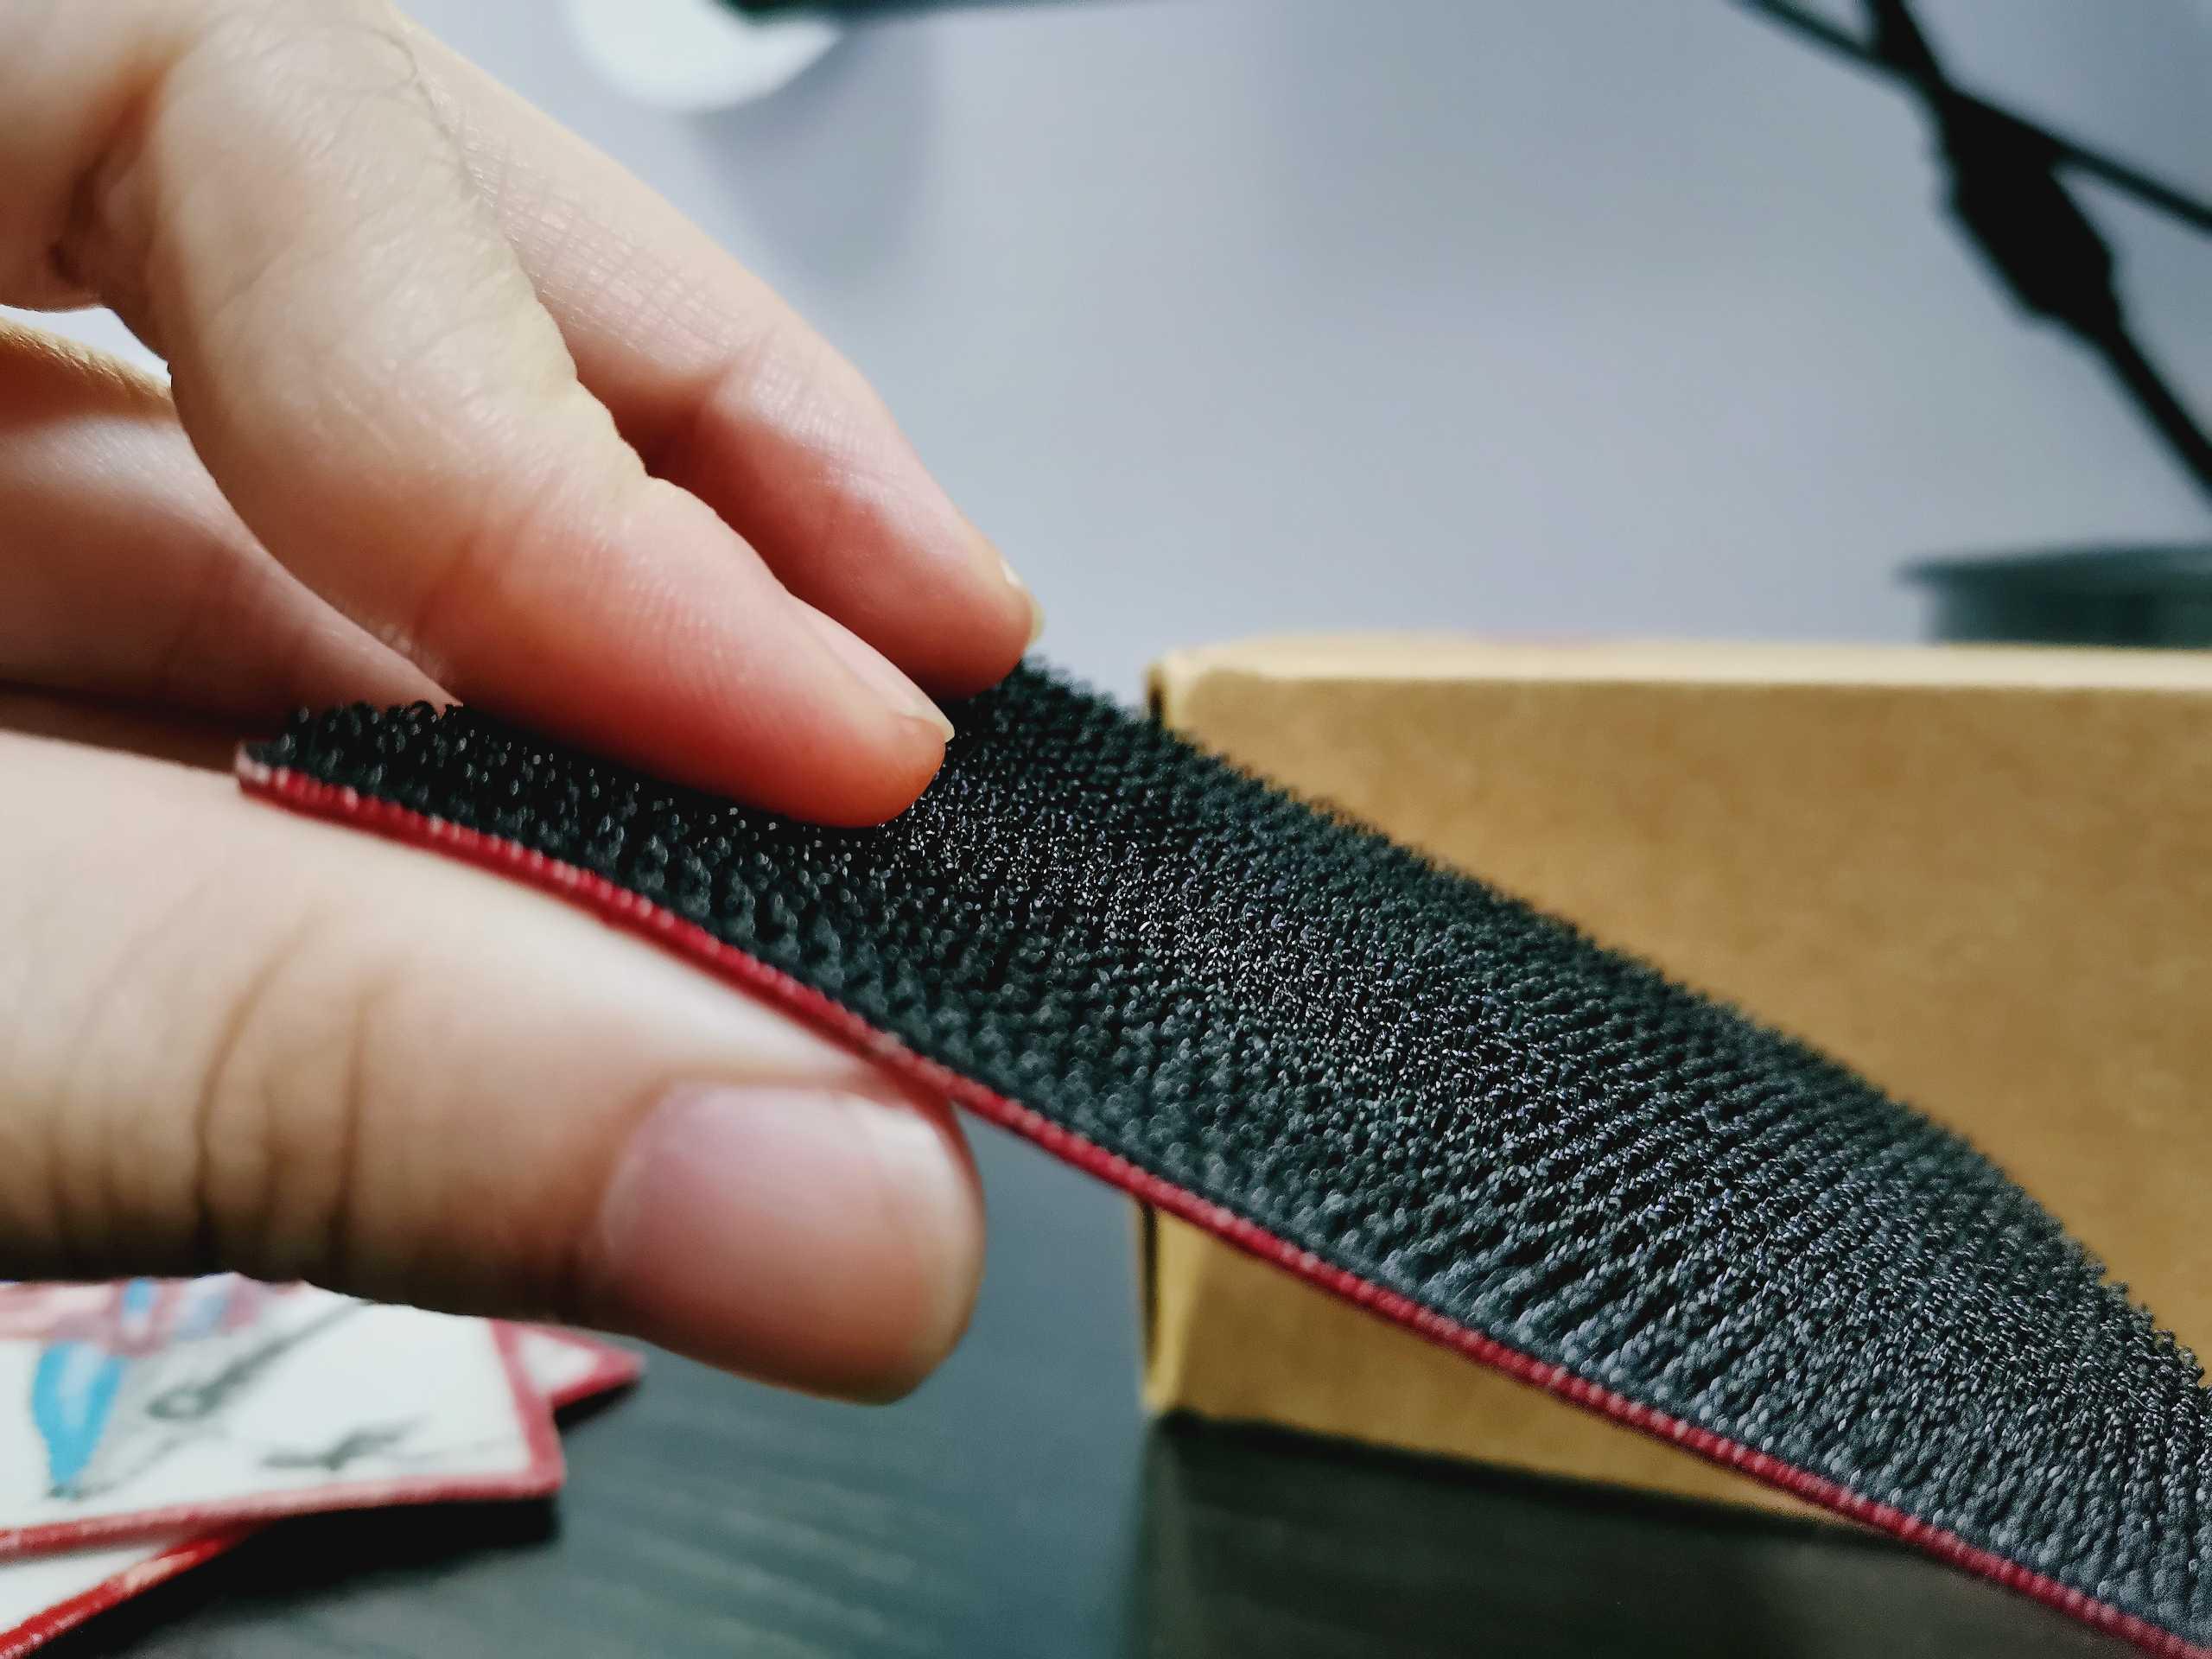 חם מותאם אישית רקום תיקון PVC פאנק ברזל על תיקוני בגדי וו ולולאה חום העברת מדבקות Applique ליל כל הקדושים DIY